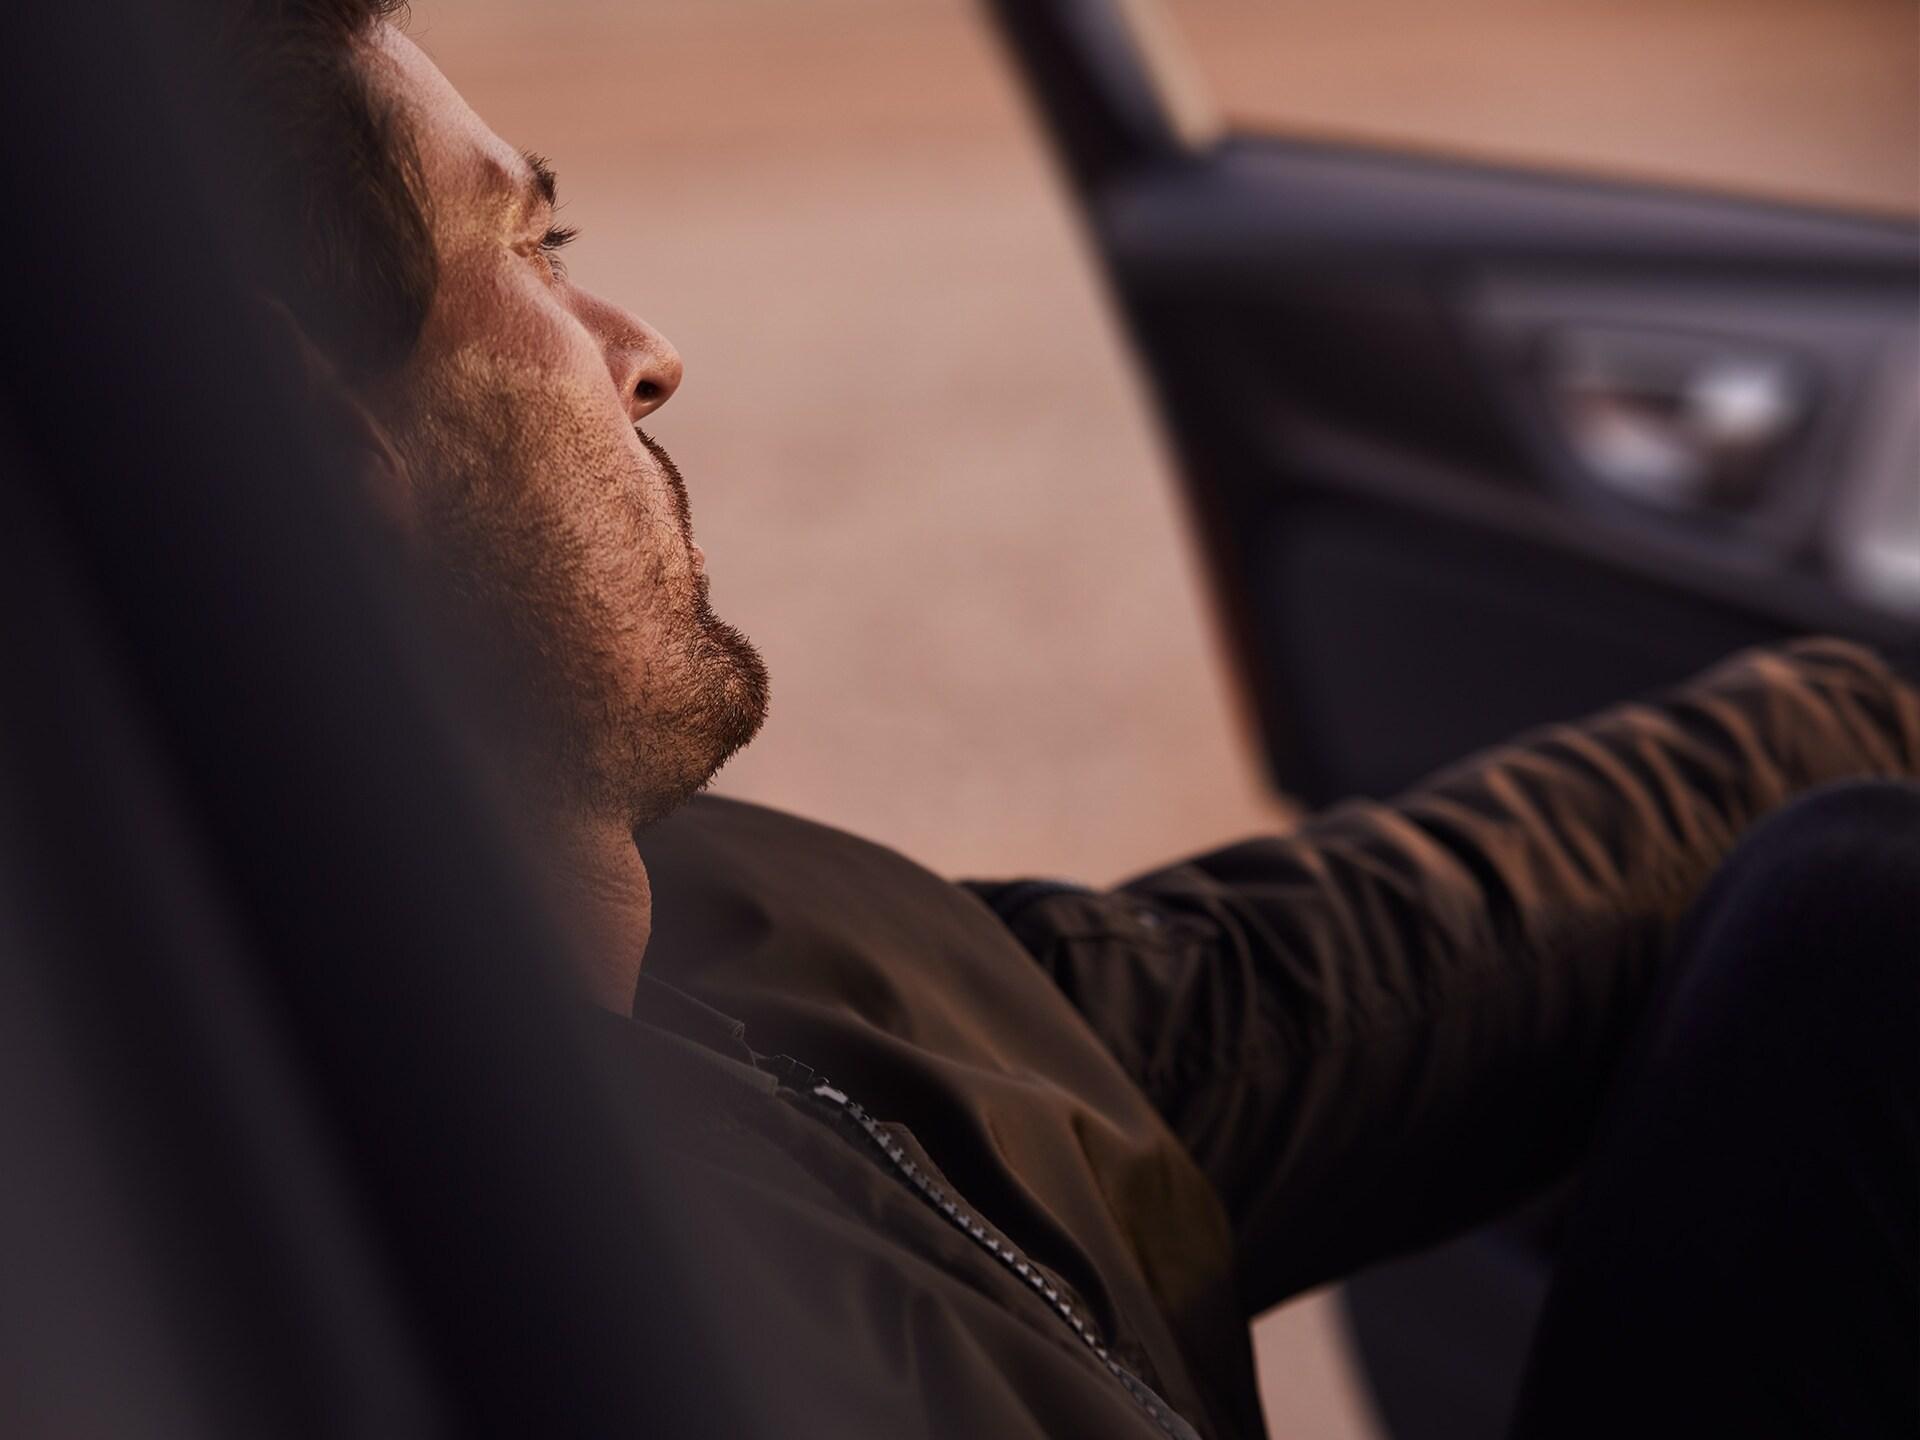 Un homme assis dans sa voiture avec la porte ouverte, regardant dehors